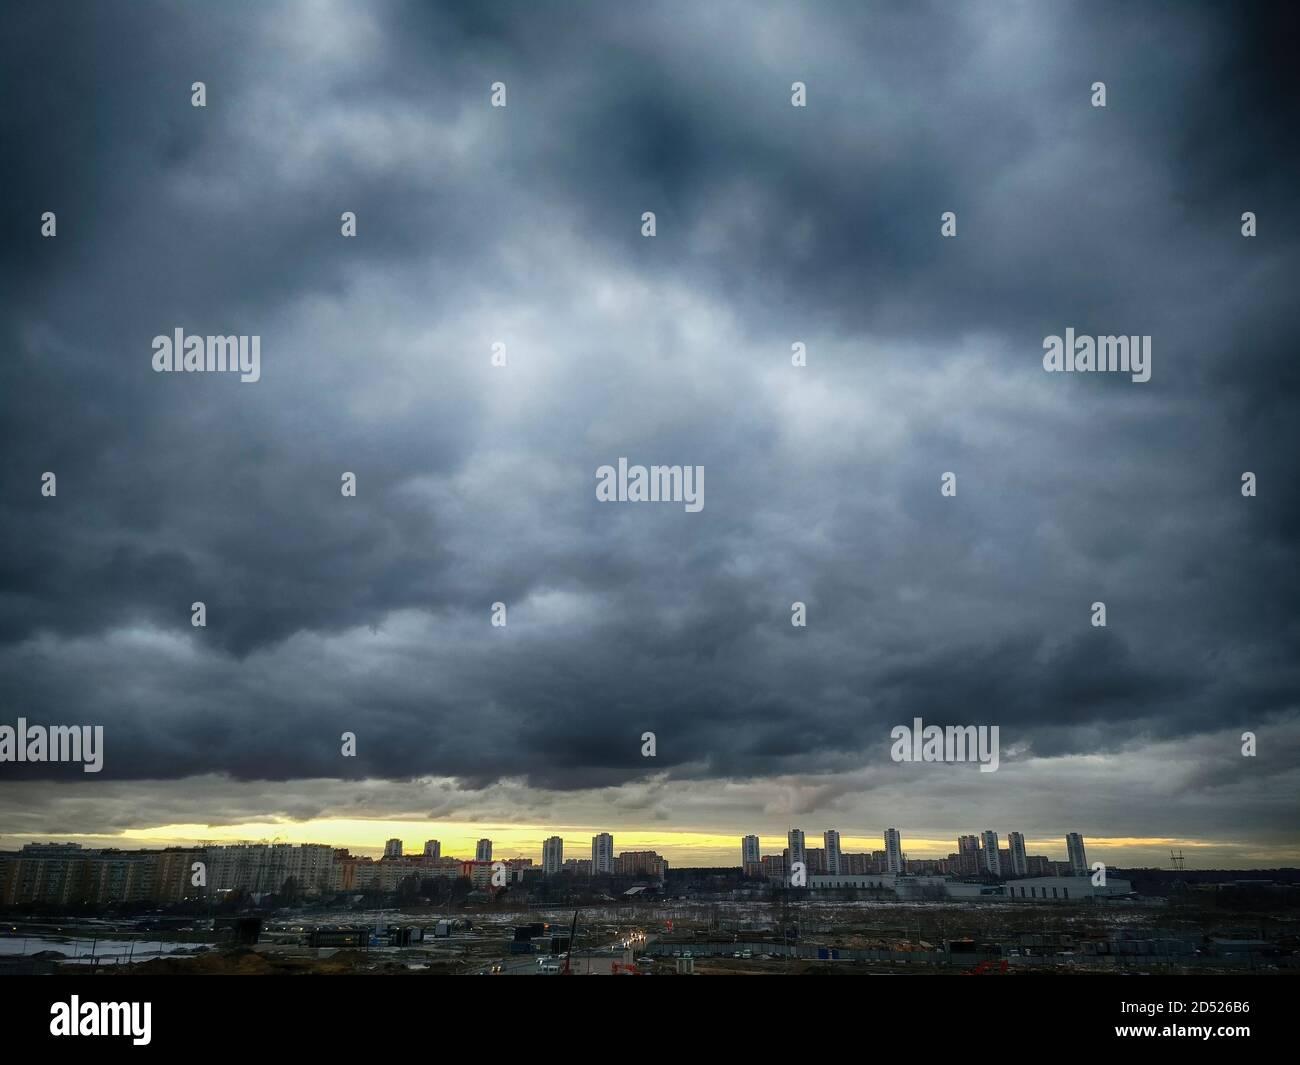 Une tempête suronde la ville. Ciel noir dans les nuages et la ligne du coucher de soleil orange. Zone industrielle sur fond de bourdes imminentes Banque D'Images